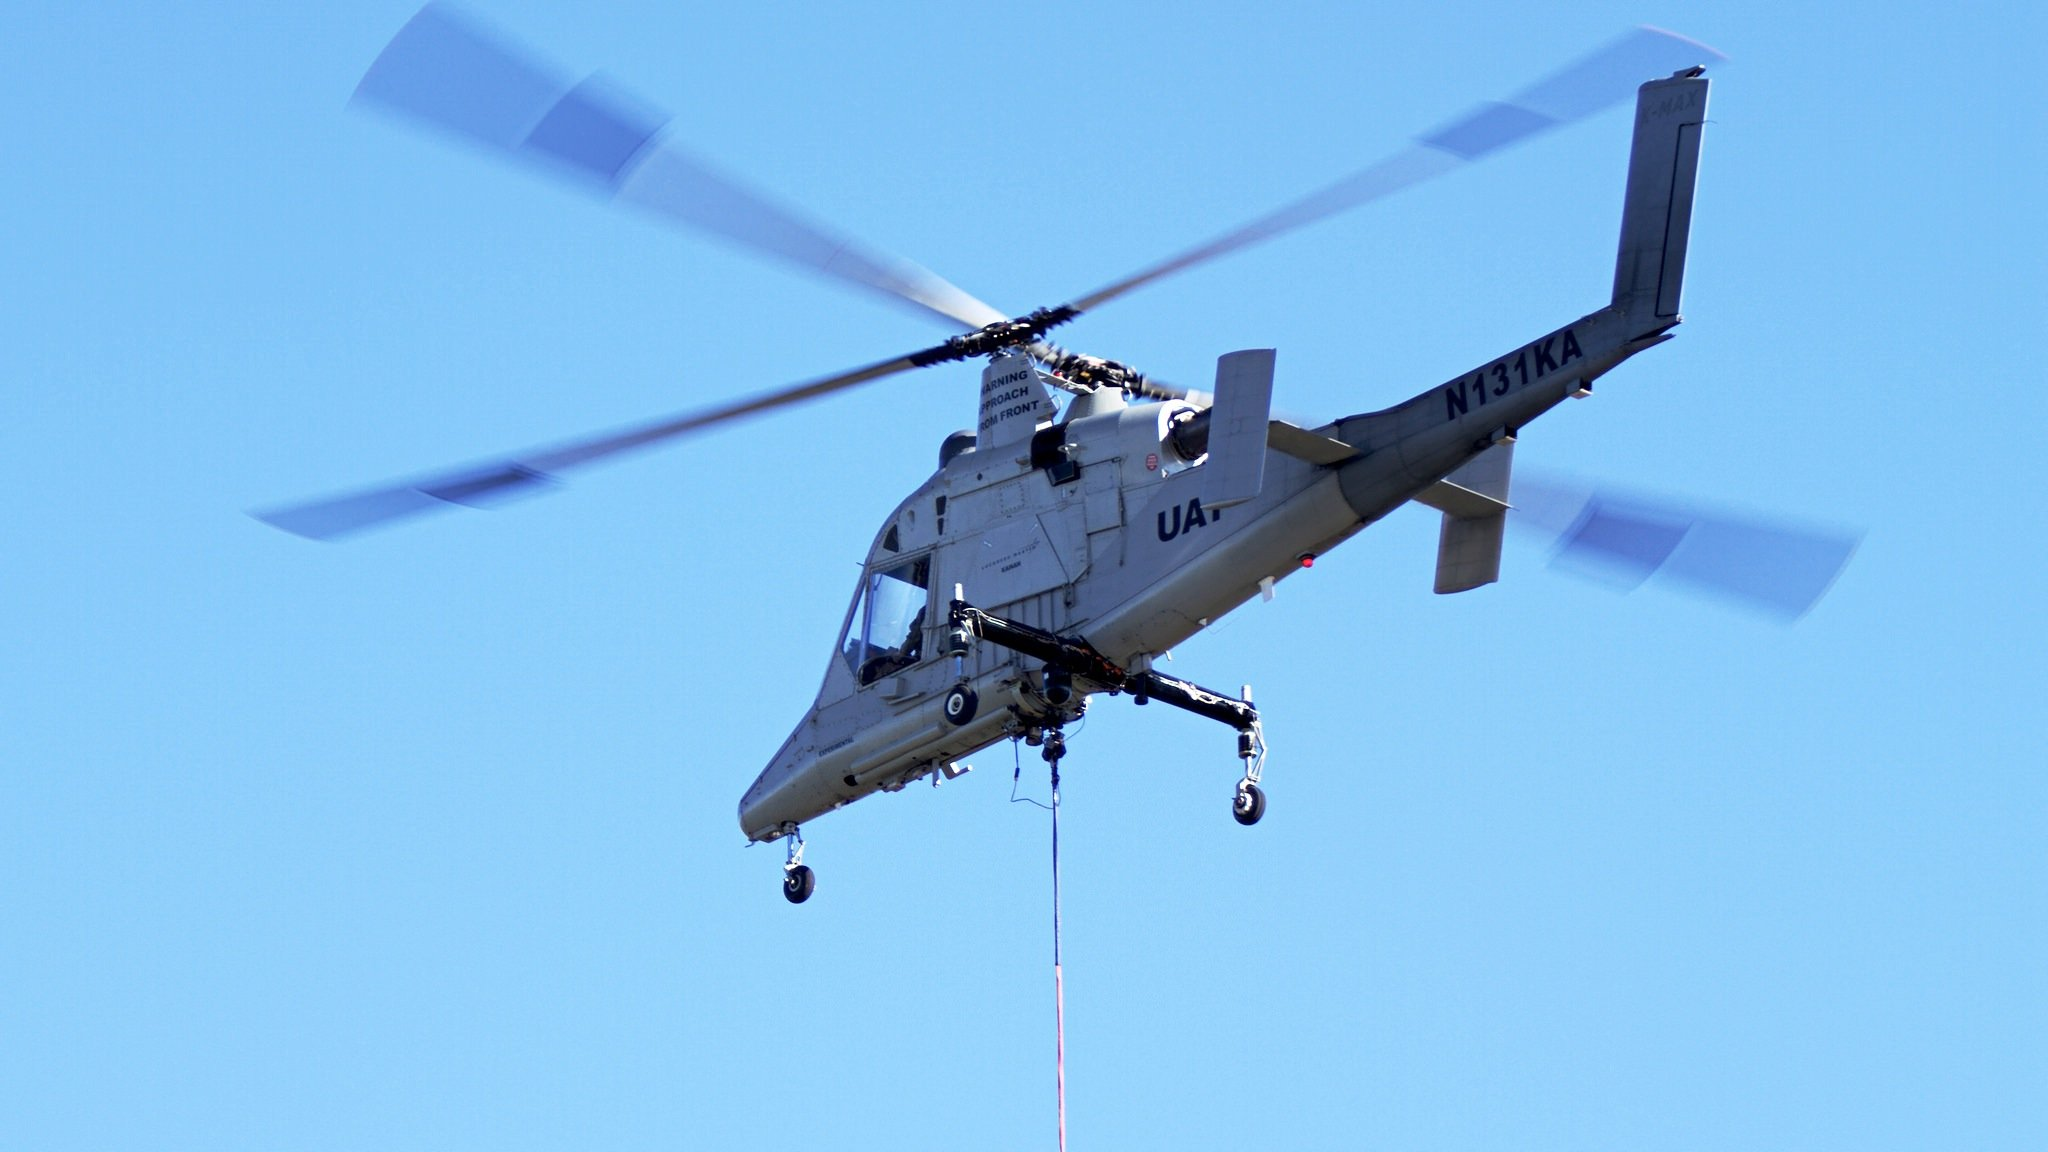 Der Hubschrauber des Typs Kaman K-Max fliegt ebenfalls ohne Pilot und kann große Lasten transportieren, beispielsweise Löschwasser.